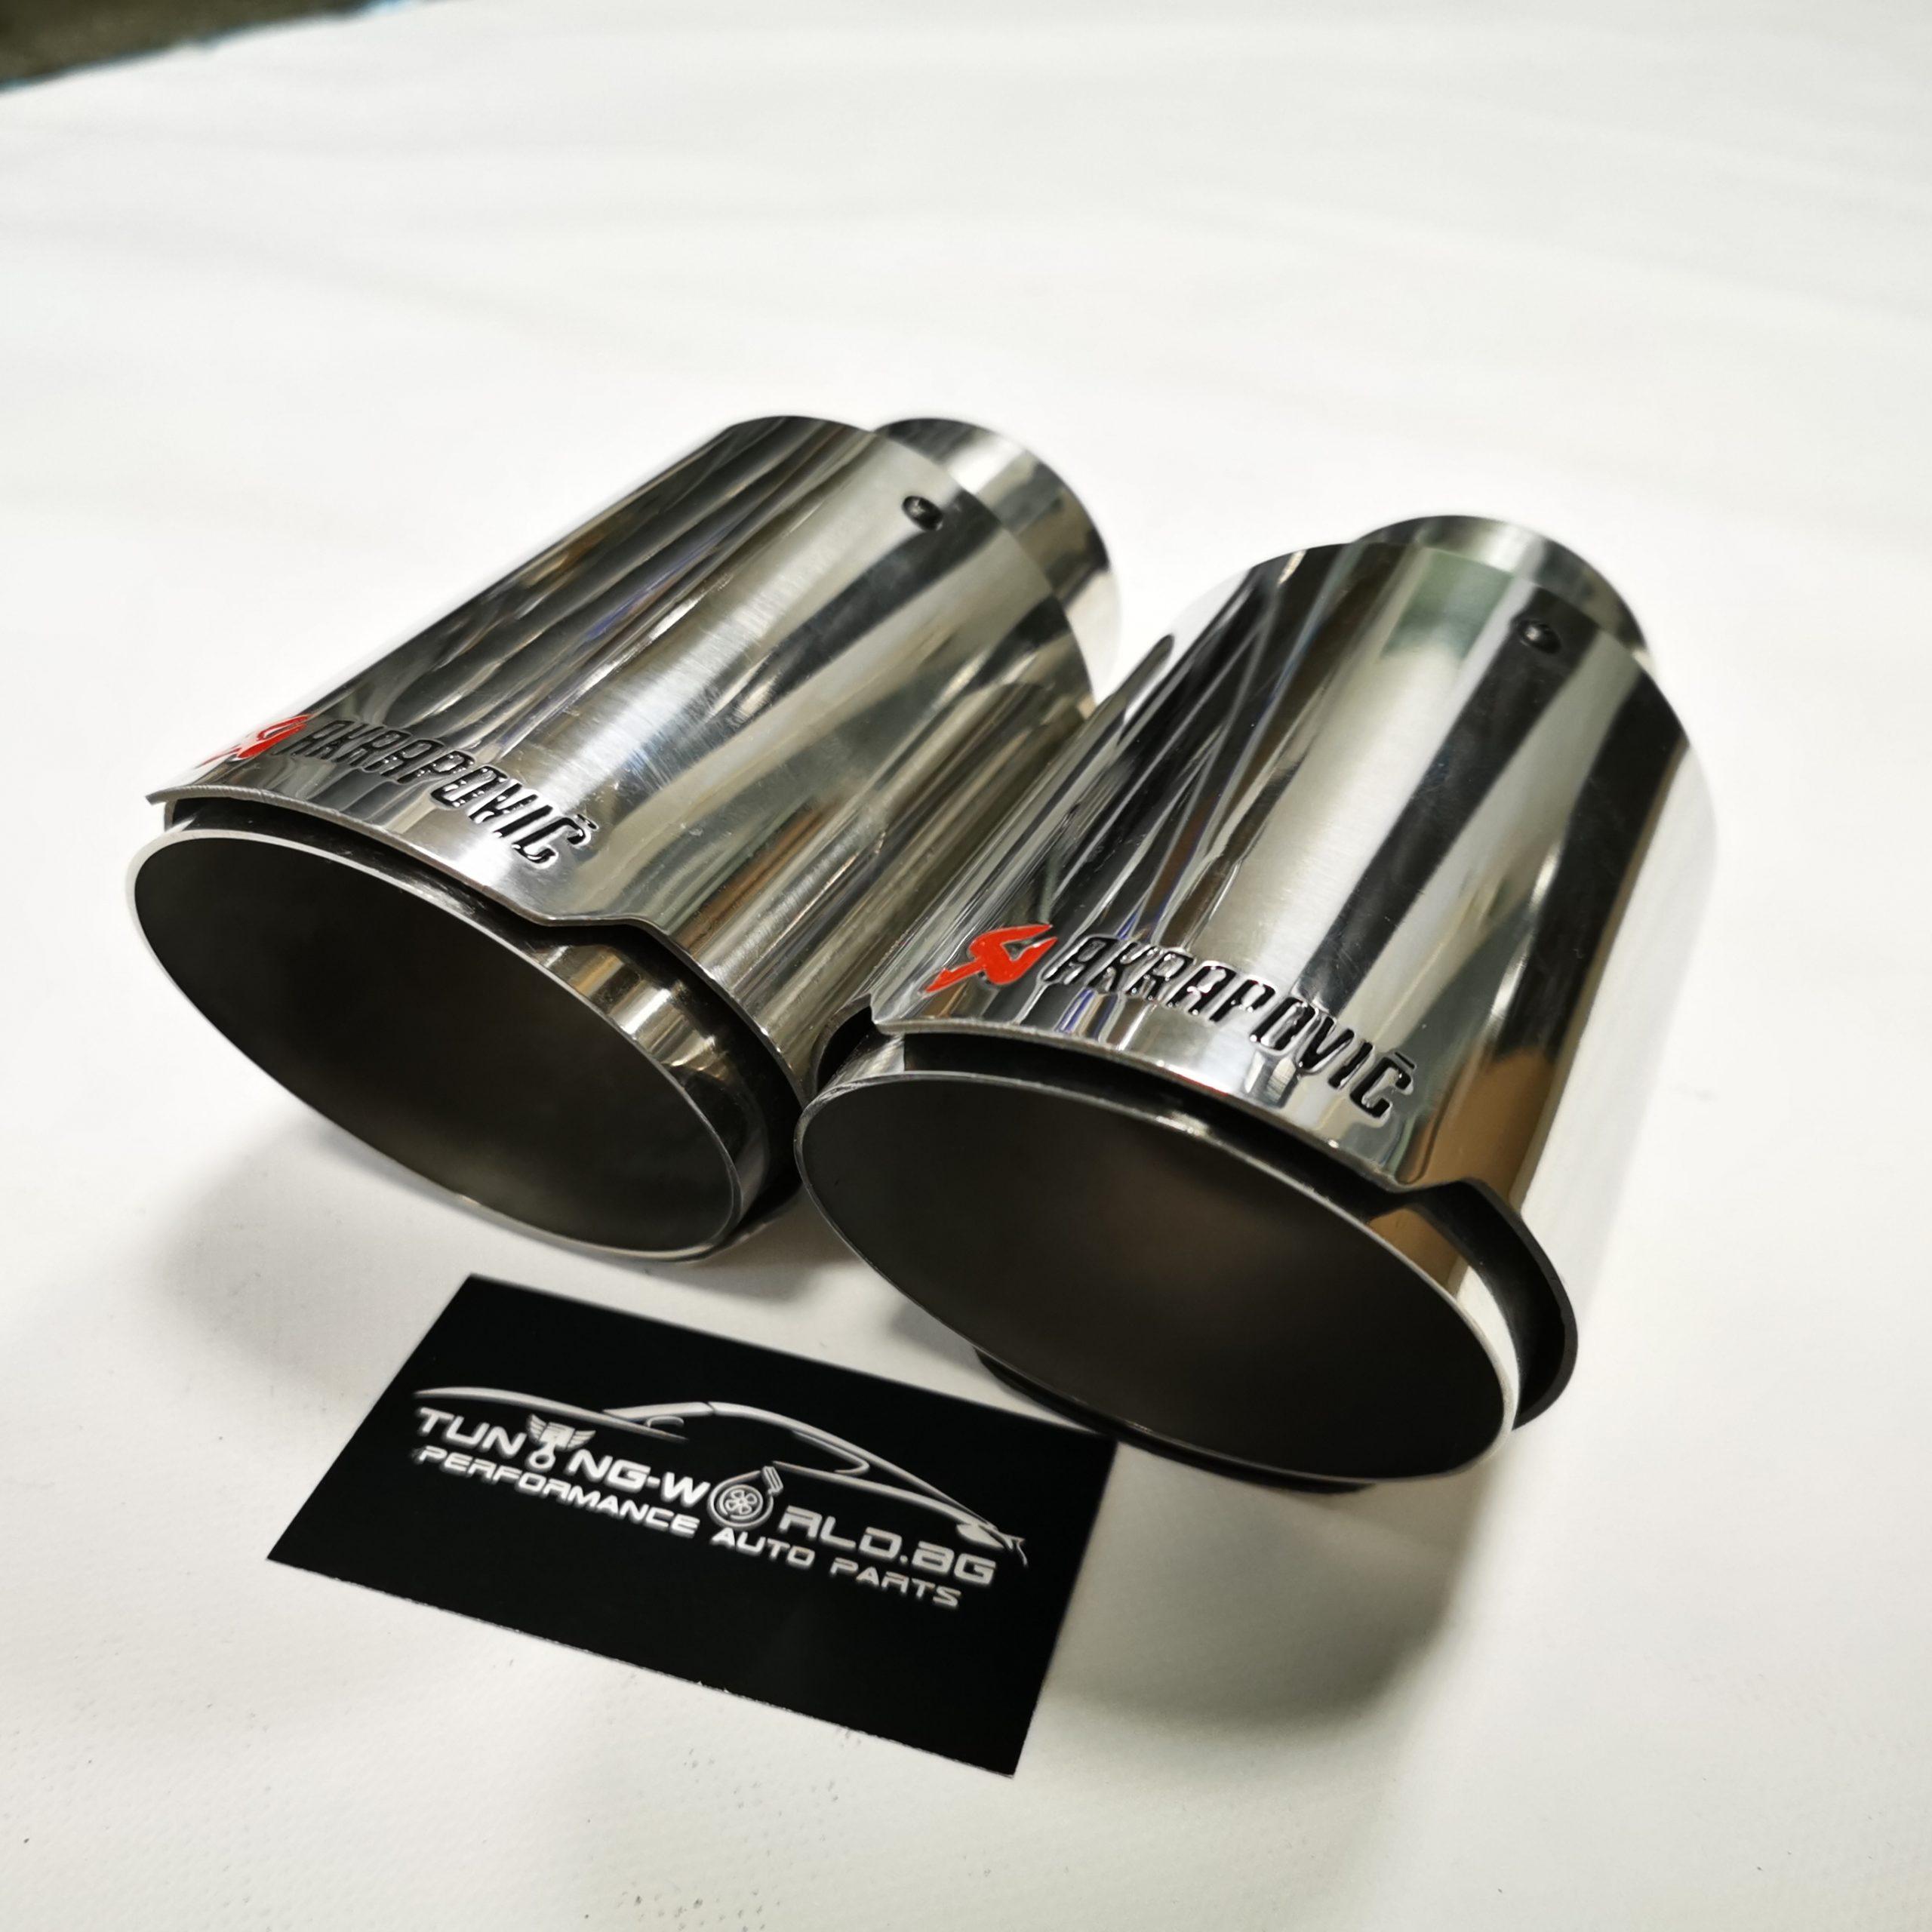 90мм универсален накрайник тип Акрапович неръждаема стомана